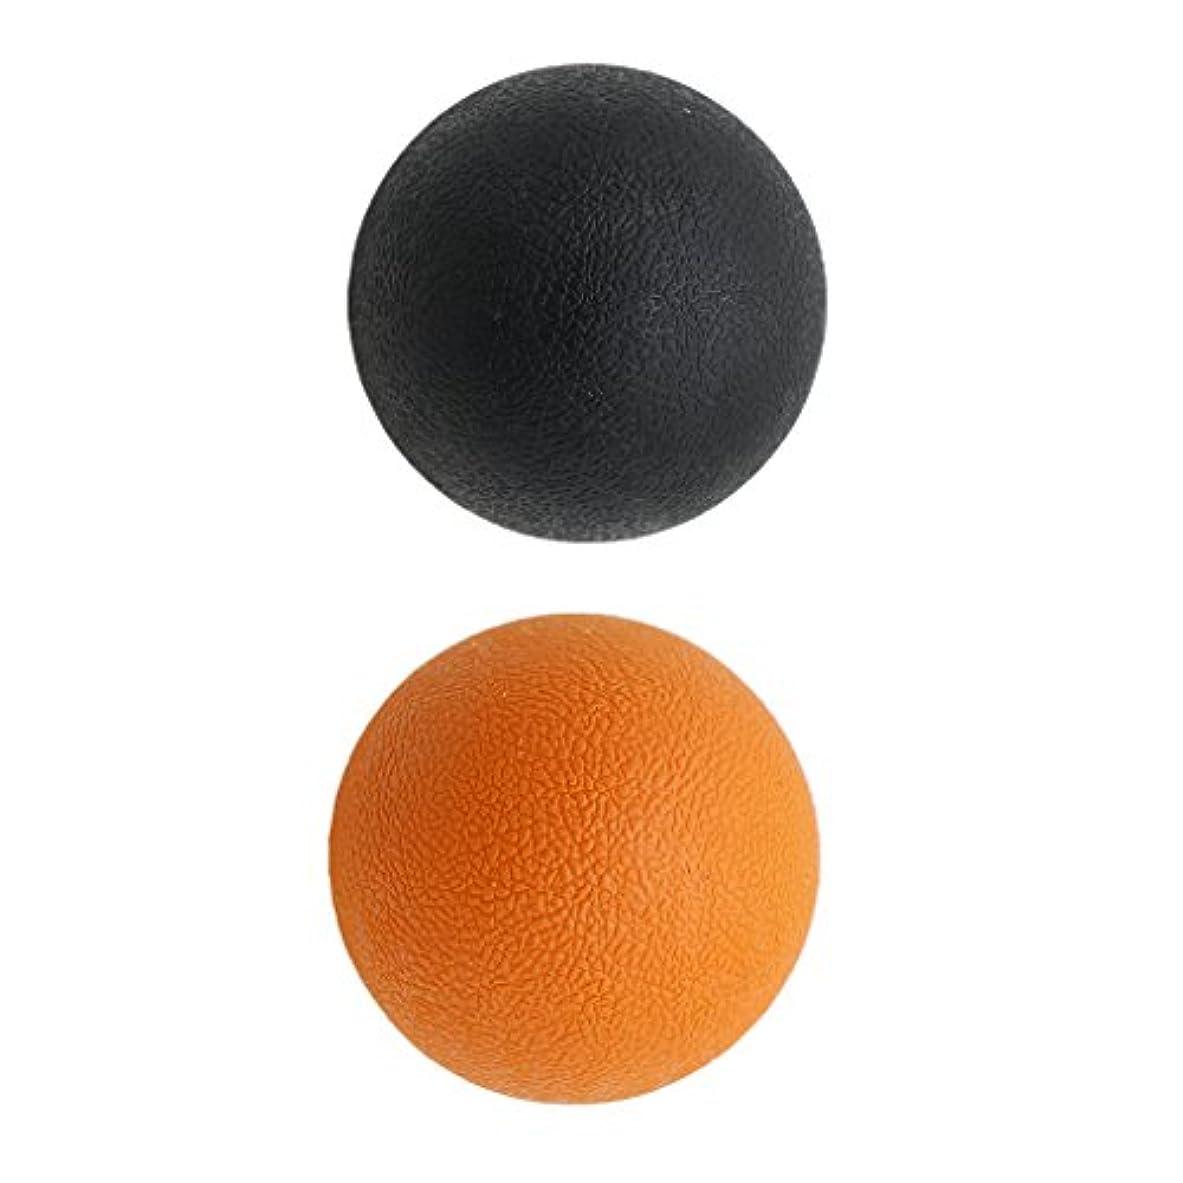 役割責める子孫Kesoto 2個 マッサージボール ラクロスボール 背部 トリガ ポイント マッサージ 多色選べる - オレンジブラック